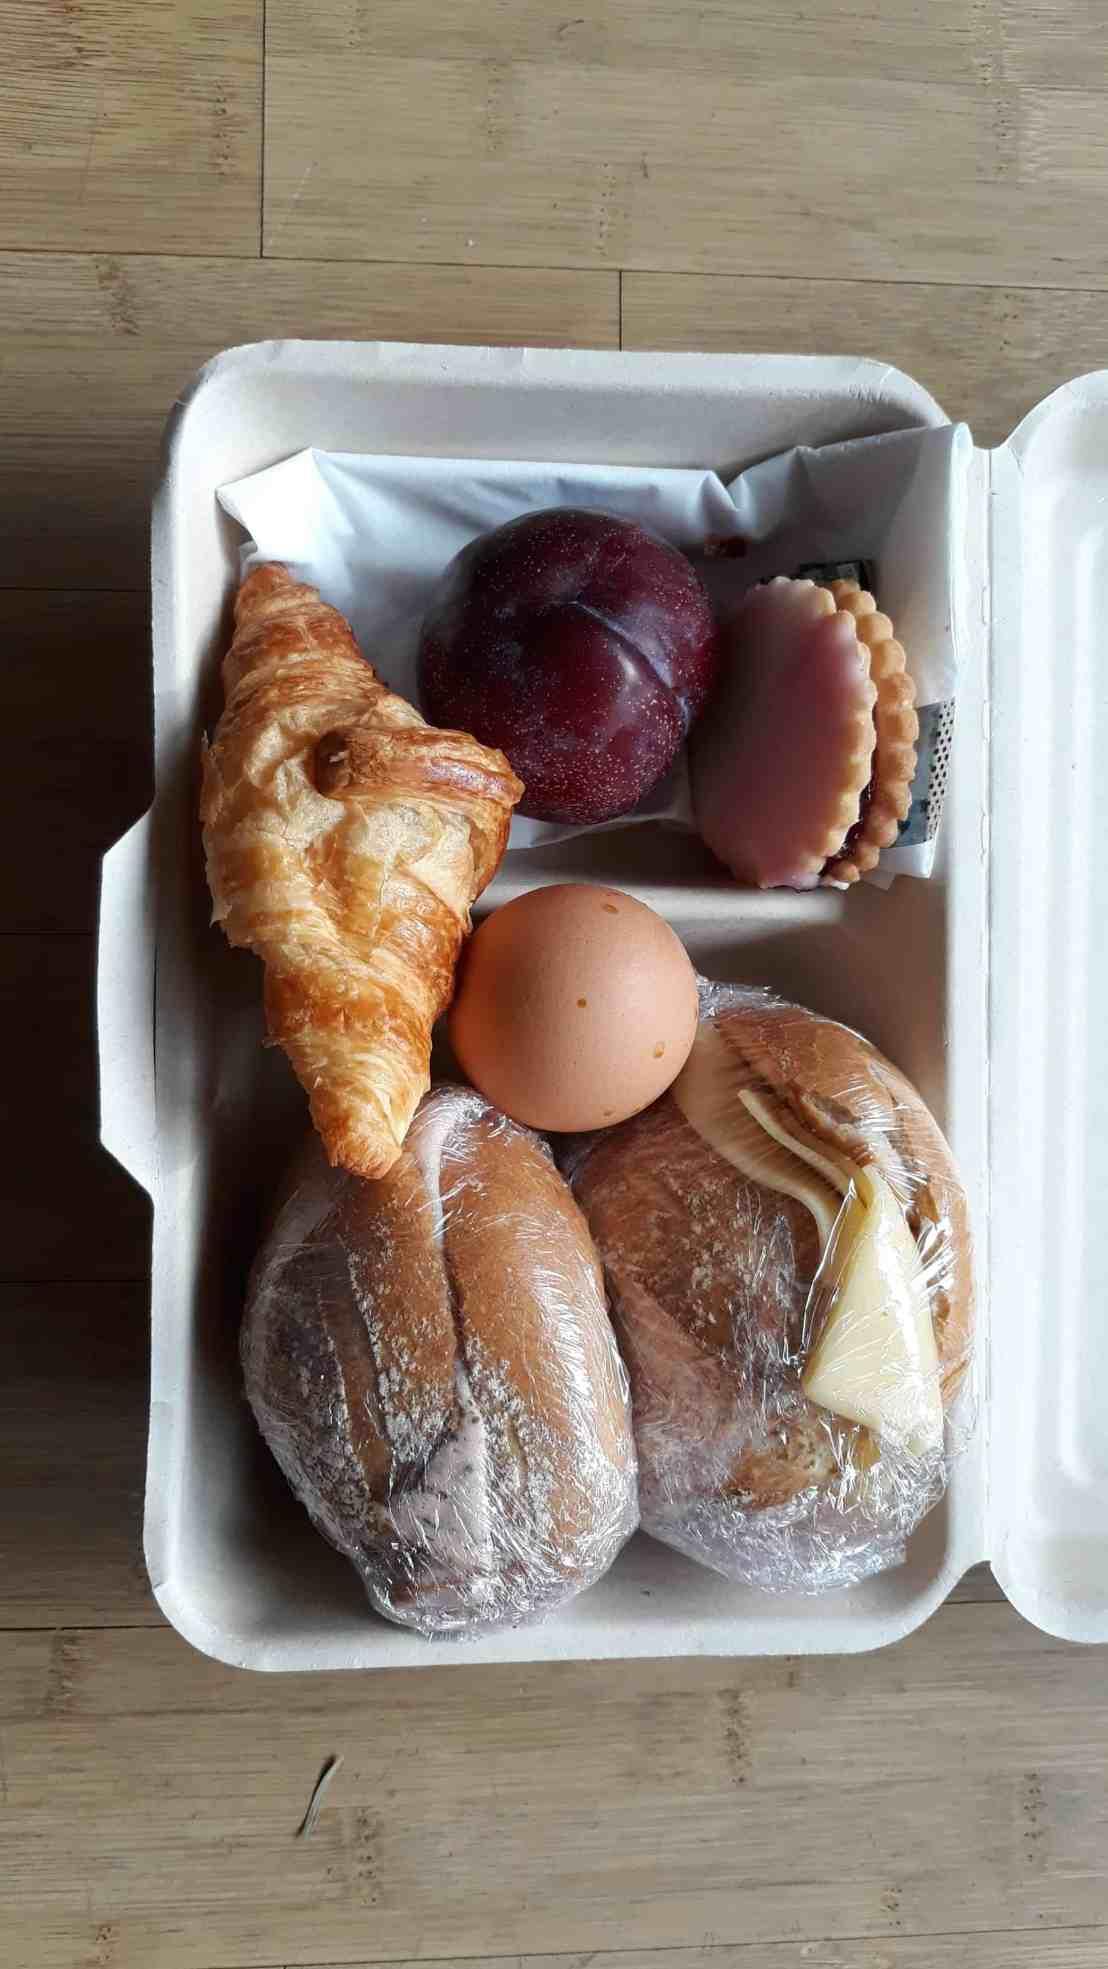 Frühstücksportion von Toogoodtogo gerettete Lebensmittel in Hamburg